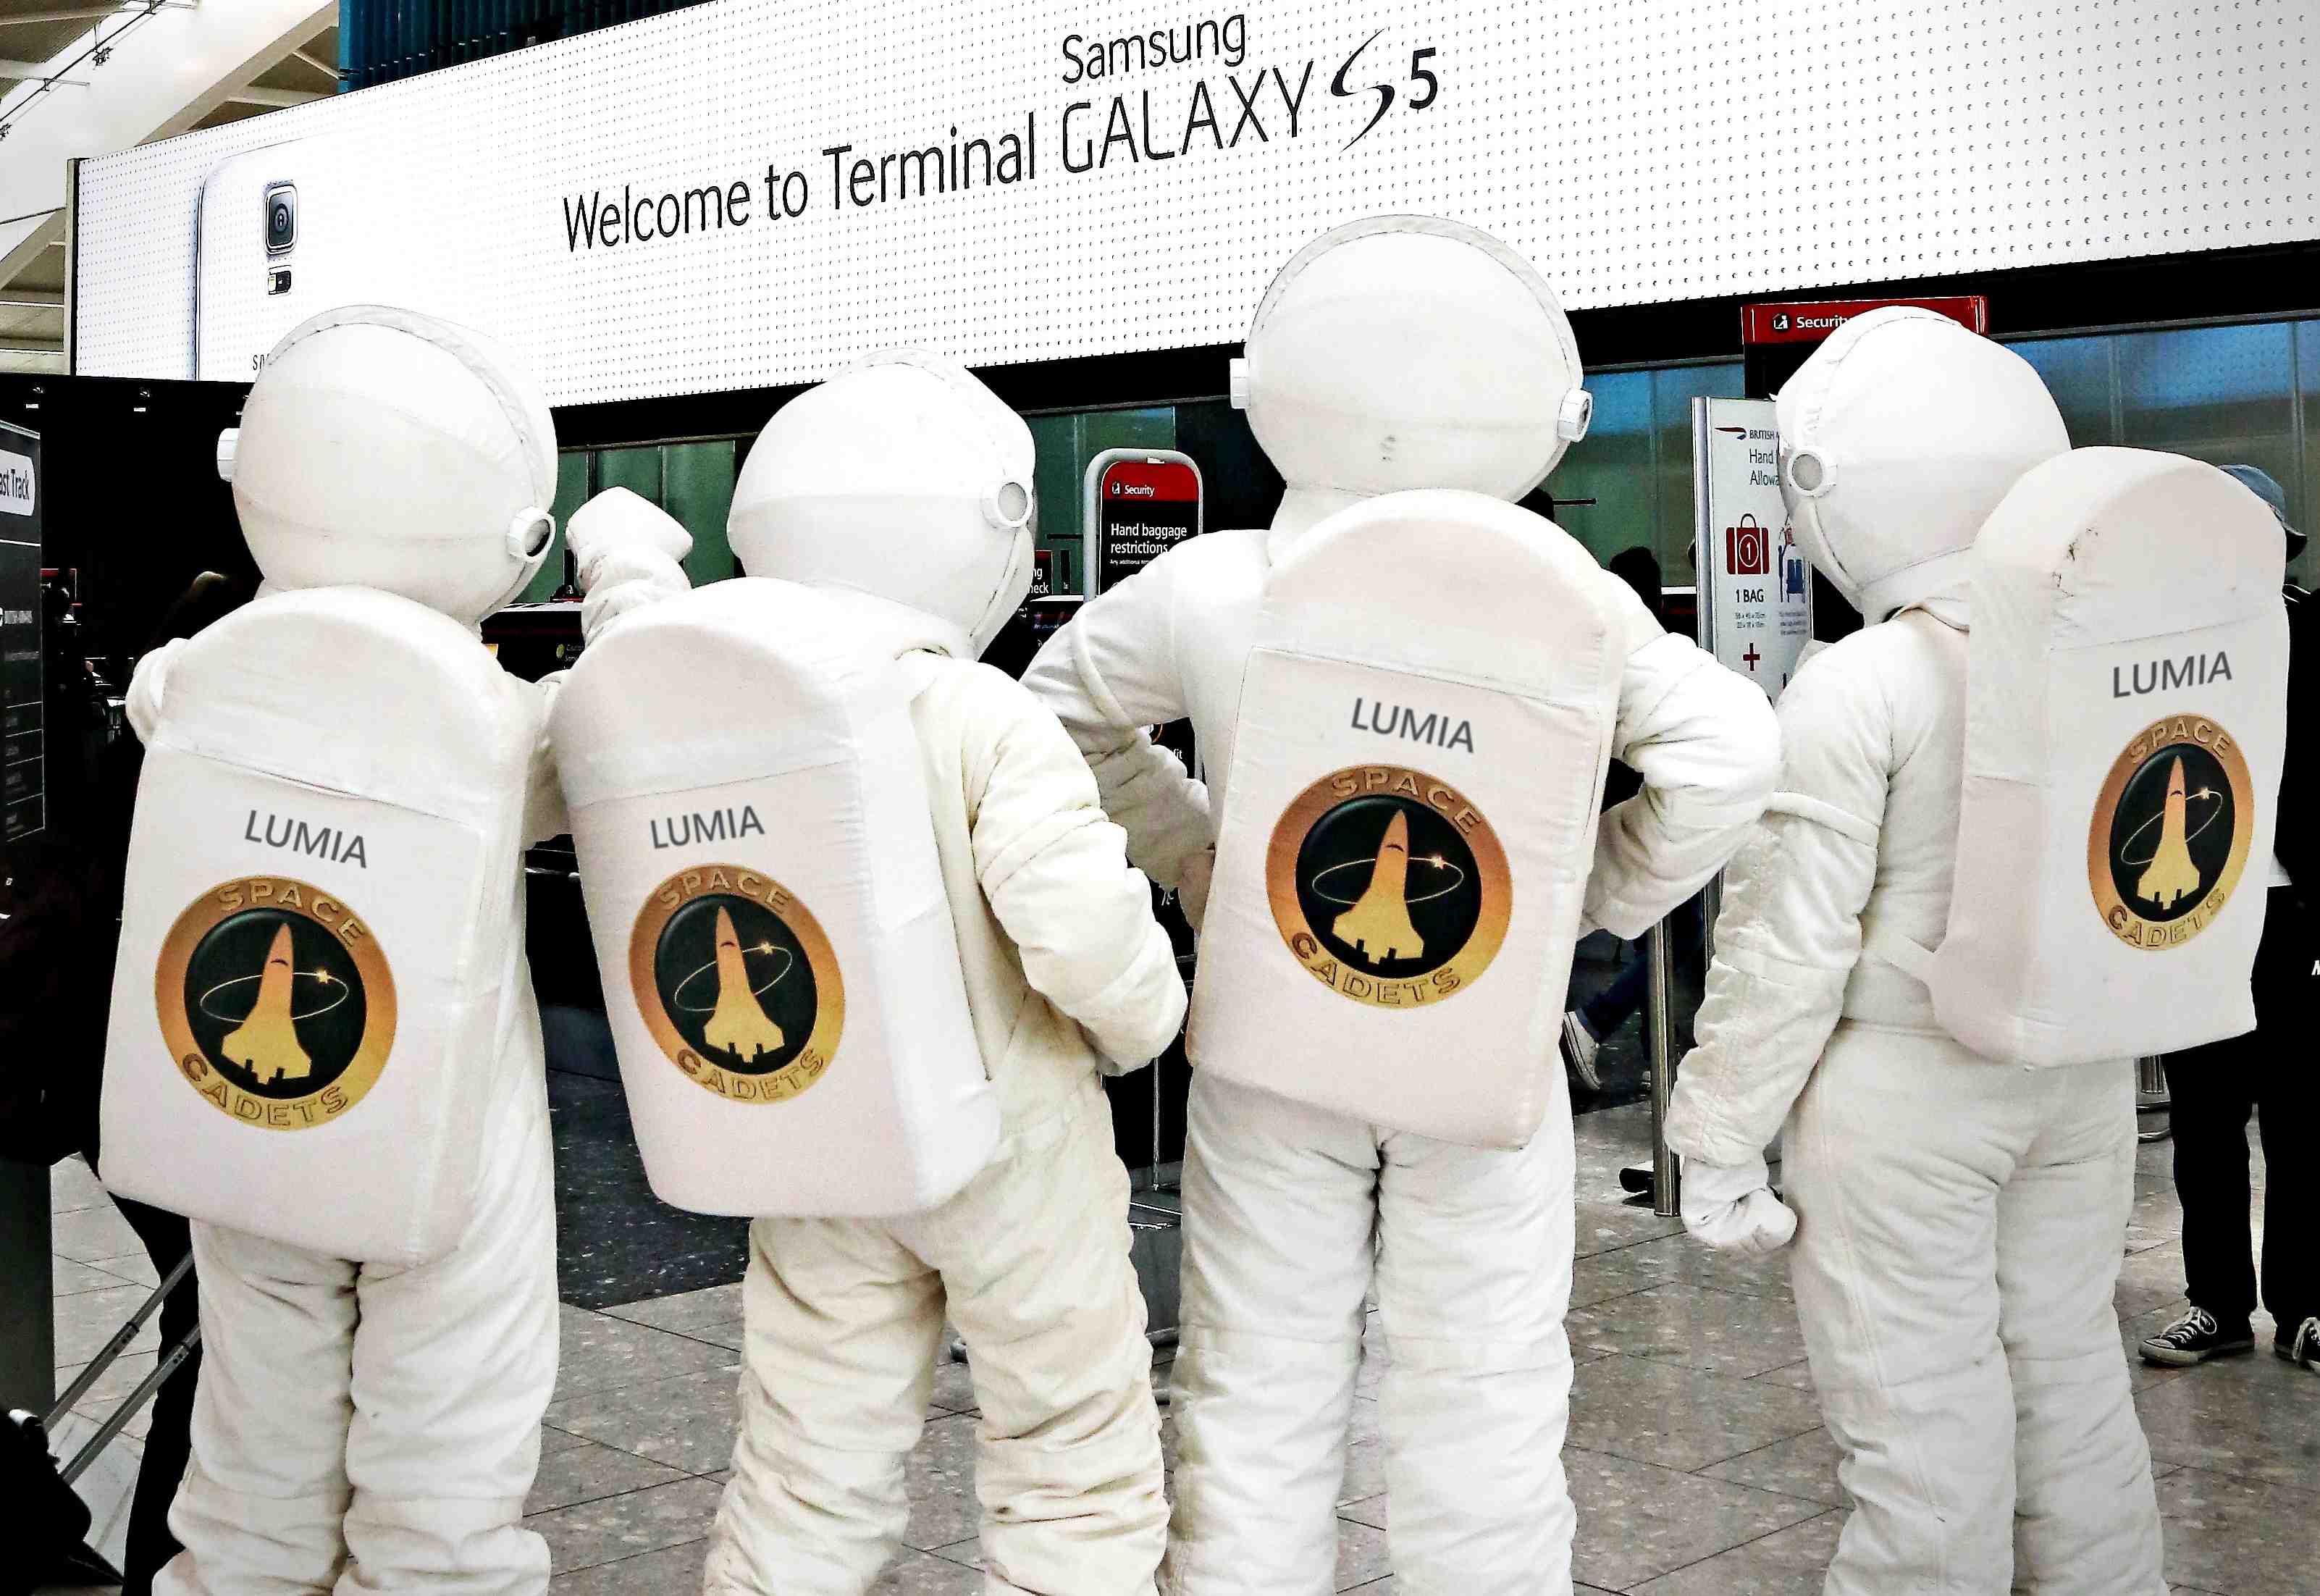 Heathrow Terminal 5 : Samsung partout, enfin presque…